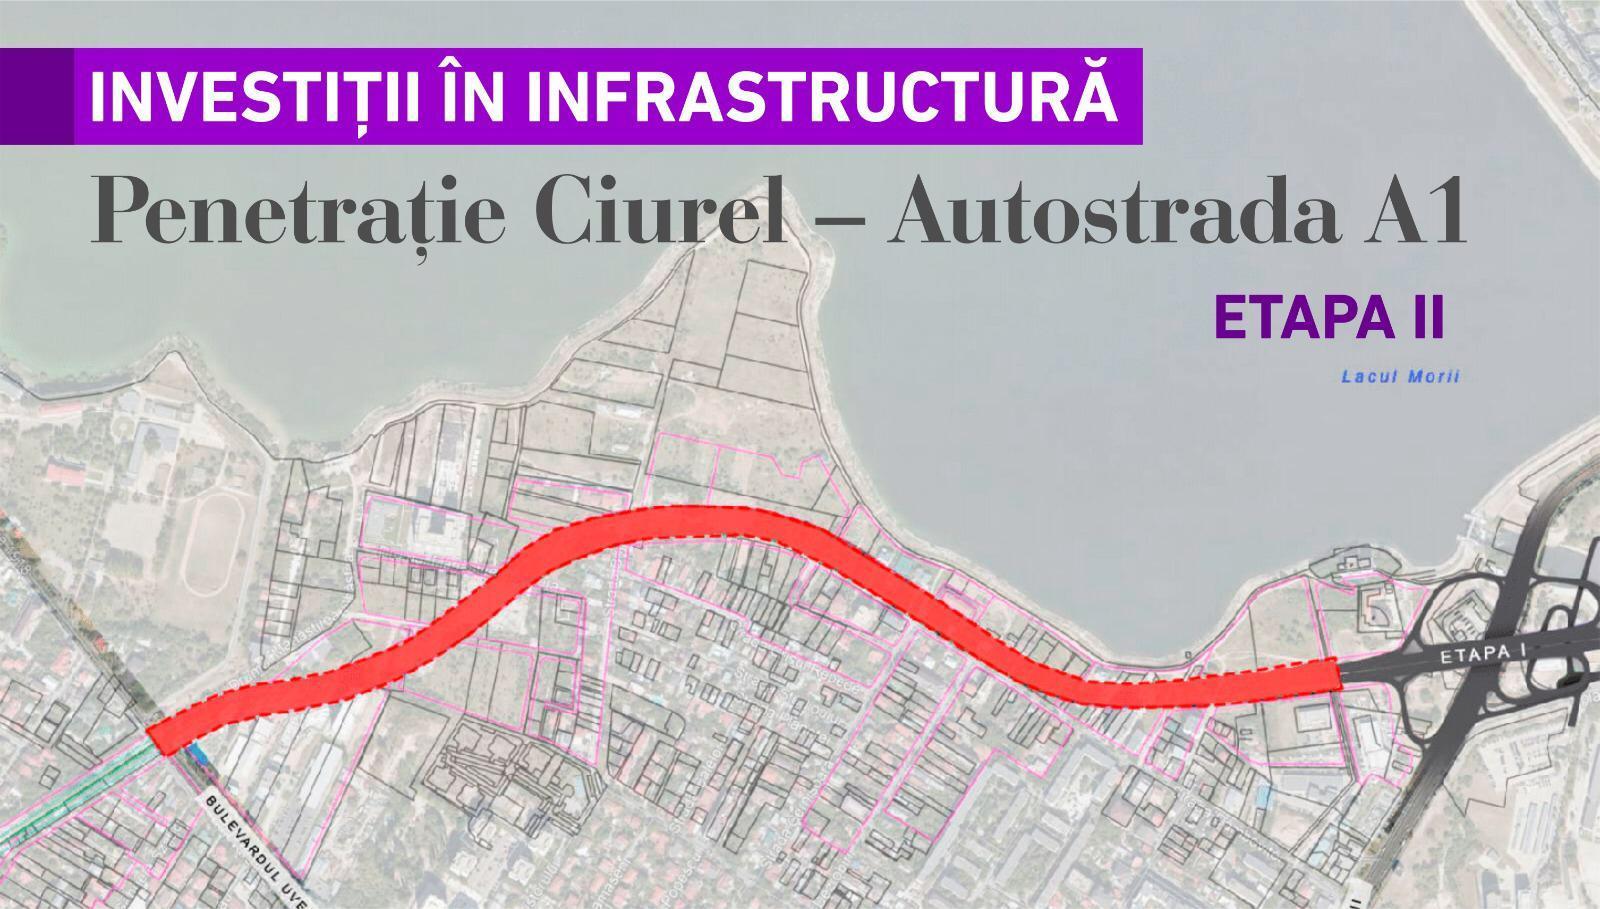 Penetrație Splaiul Independenței – Ciurel – Autostrada A1 București – Pitești. Etapa II